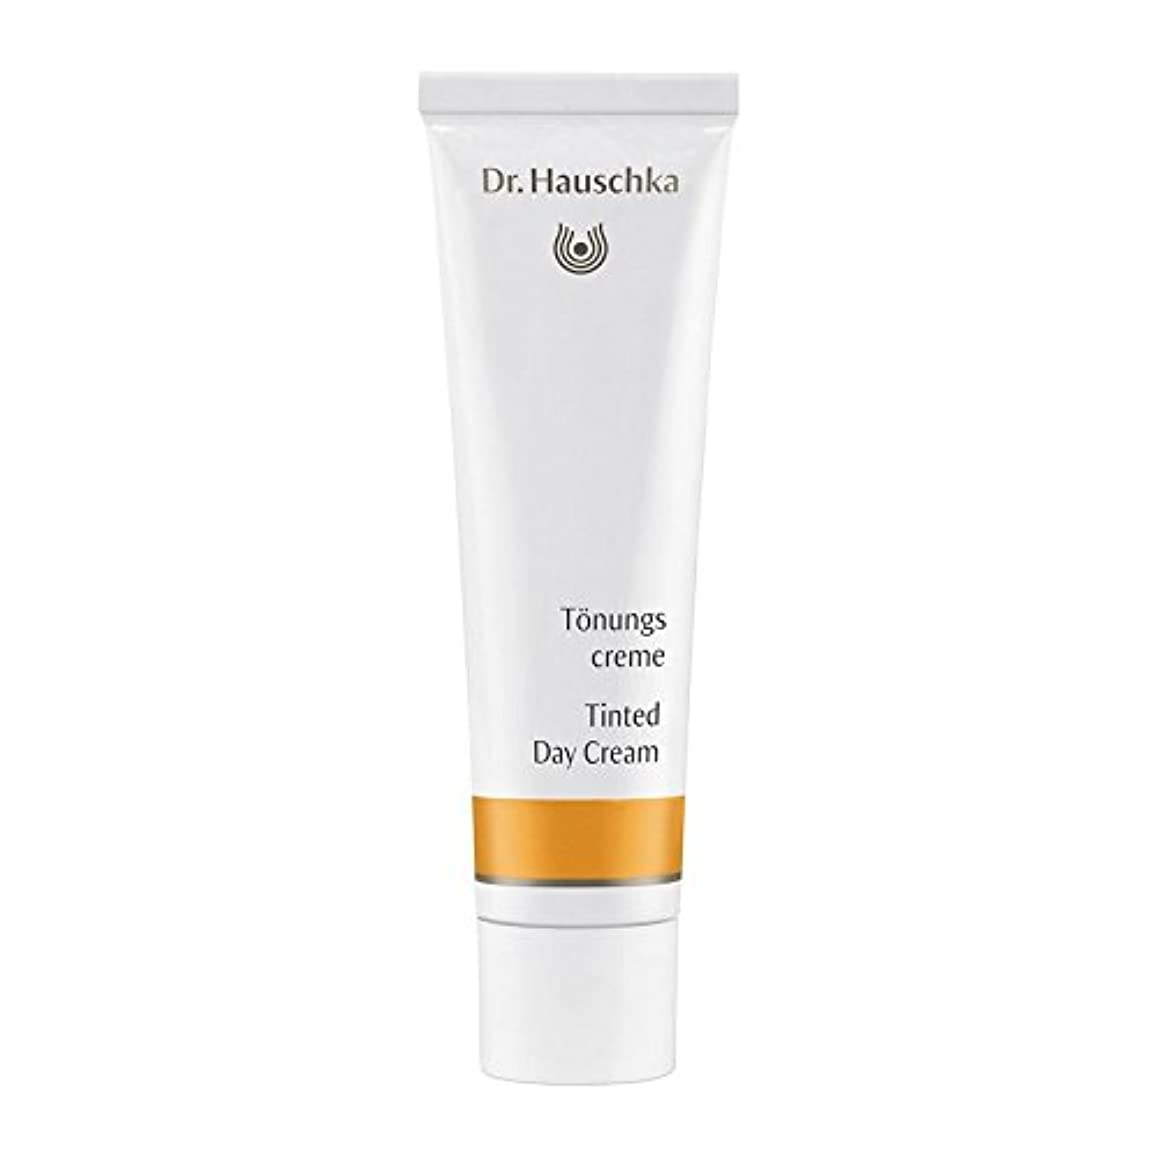 放課後夫婦満足させるDr. Hauschka Tinted Day Cream 30ml (Pack of 6) - ハウシュカ着色デイクリーム30 x6 [並行輸入品]